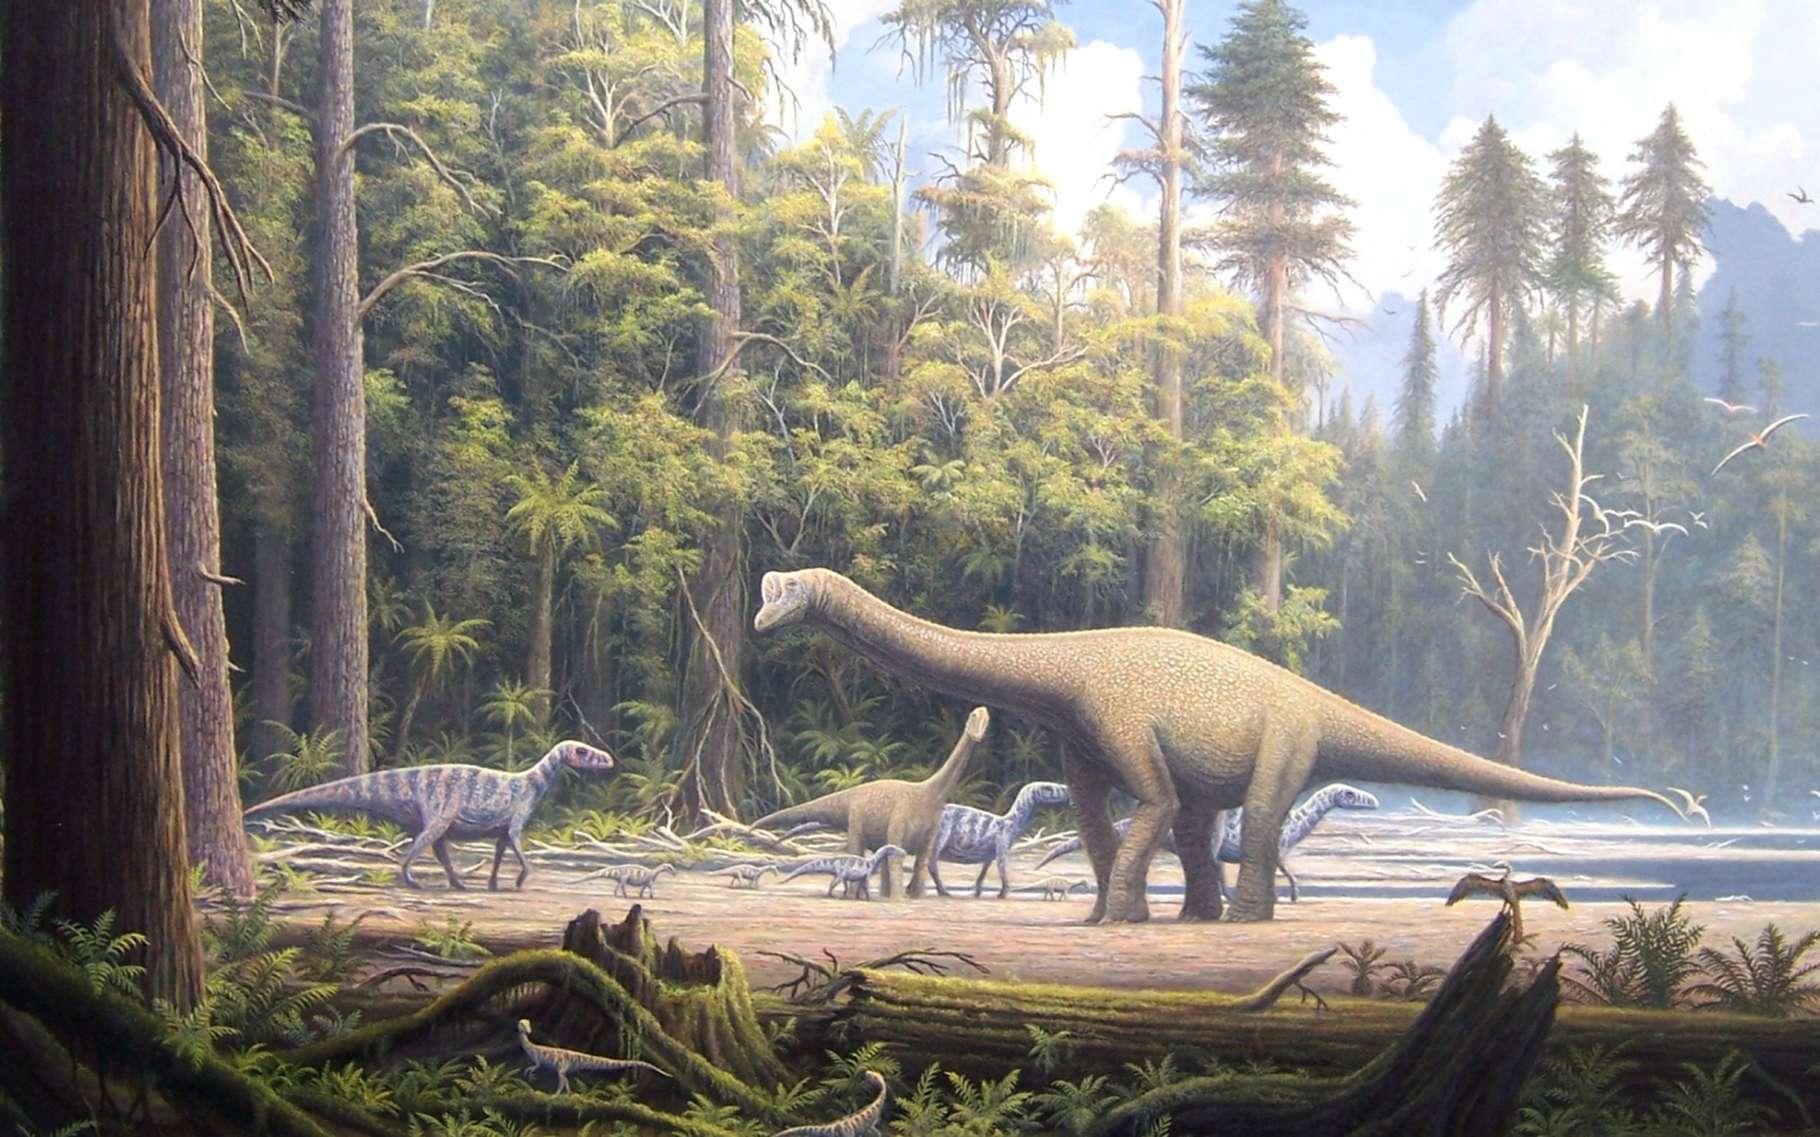 Un paysage du Jurassique. Les dinosaures théropodes étaient nombreux. Certains de leurs descendants deviendront des oiseaux. © Gerhard Boeggemann, licence Creative Commons (by-nc-sa 2.5)